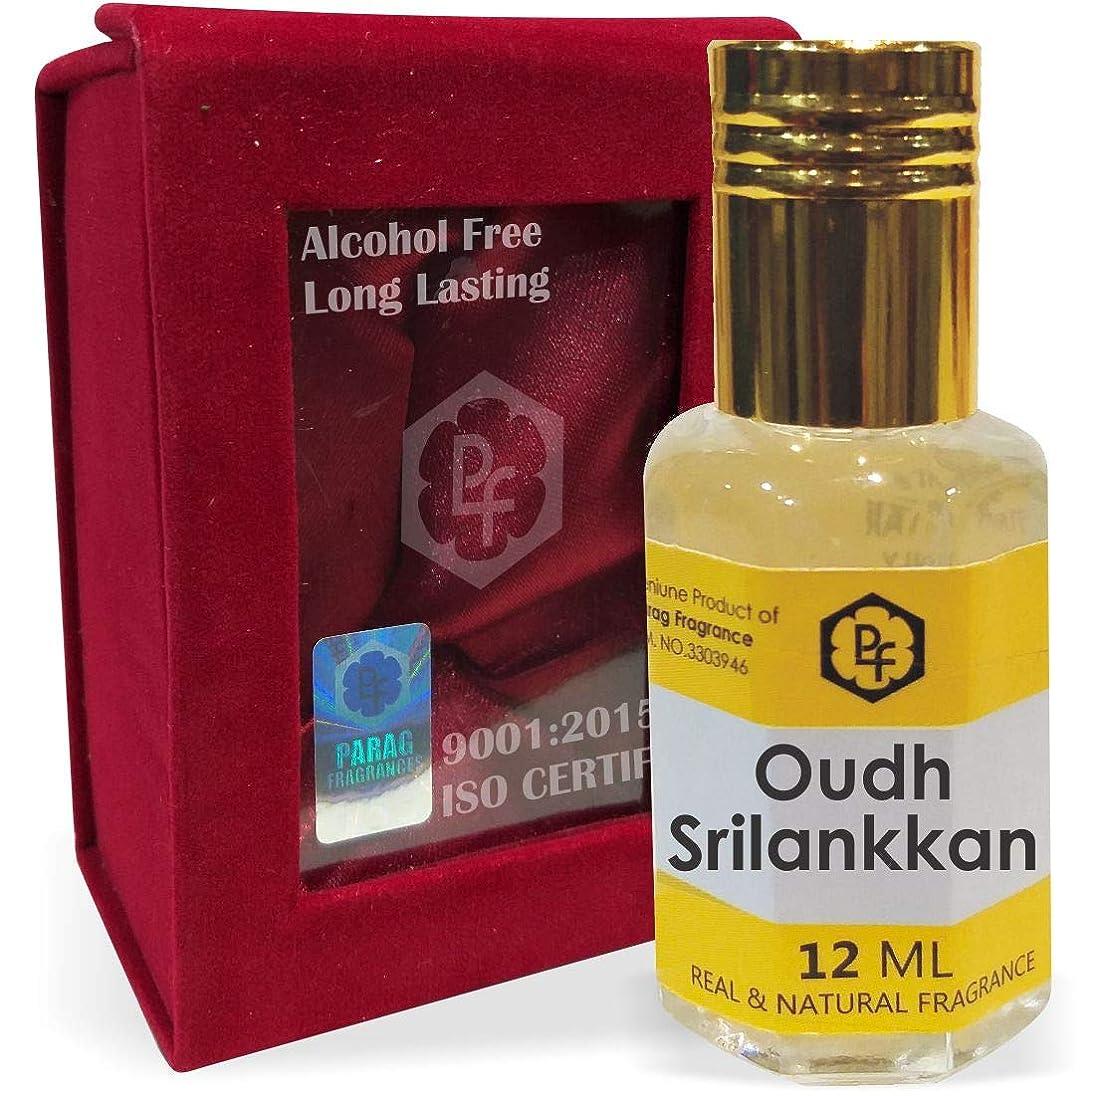 受け入れ韓国十分ですParagフレグランス手作りベルベットボックスOudh Srilankkan 12ミリリットルアター/香水(インドの伝統的なBhapka処理方法により、インド製)オイル/フレグランスオイル|長持ちアターITRA最高の品質